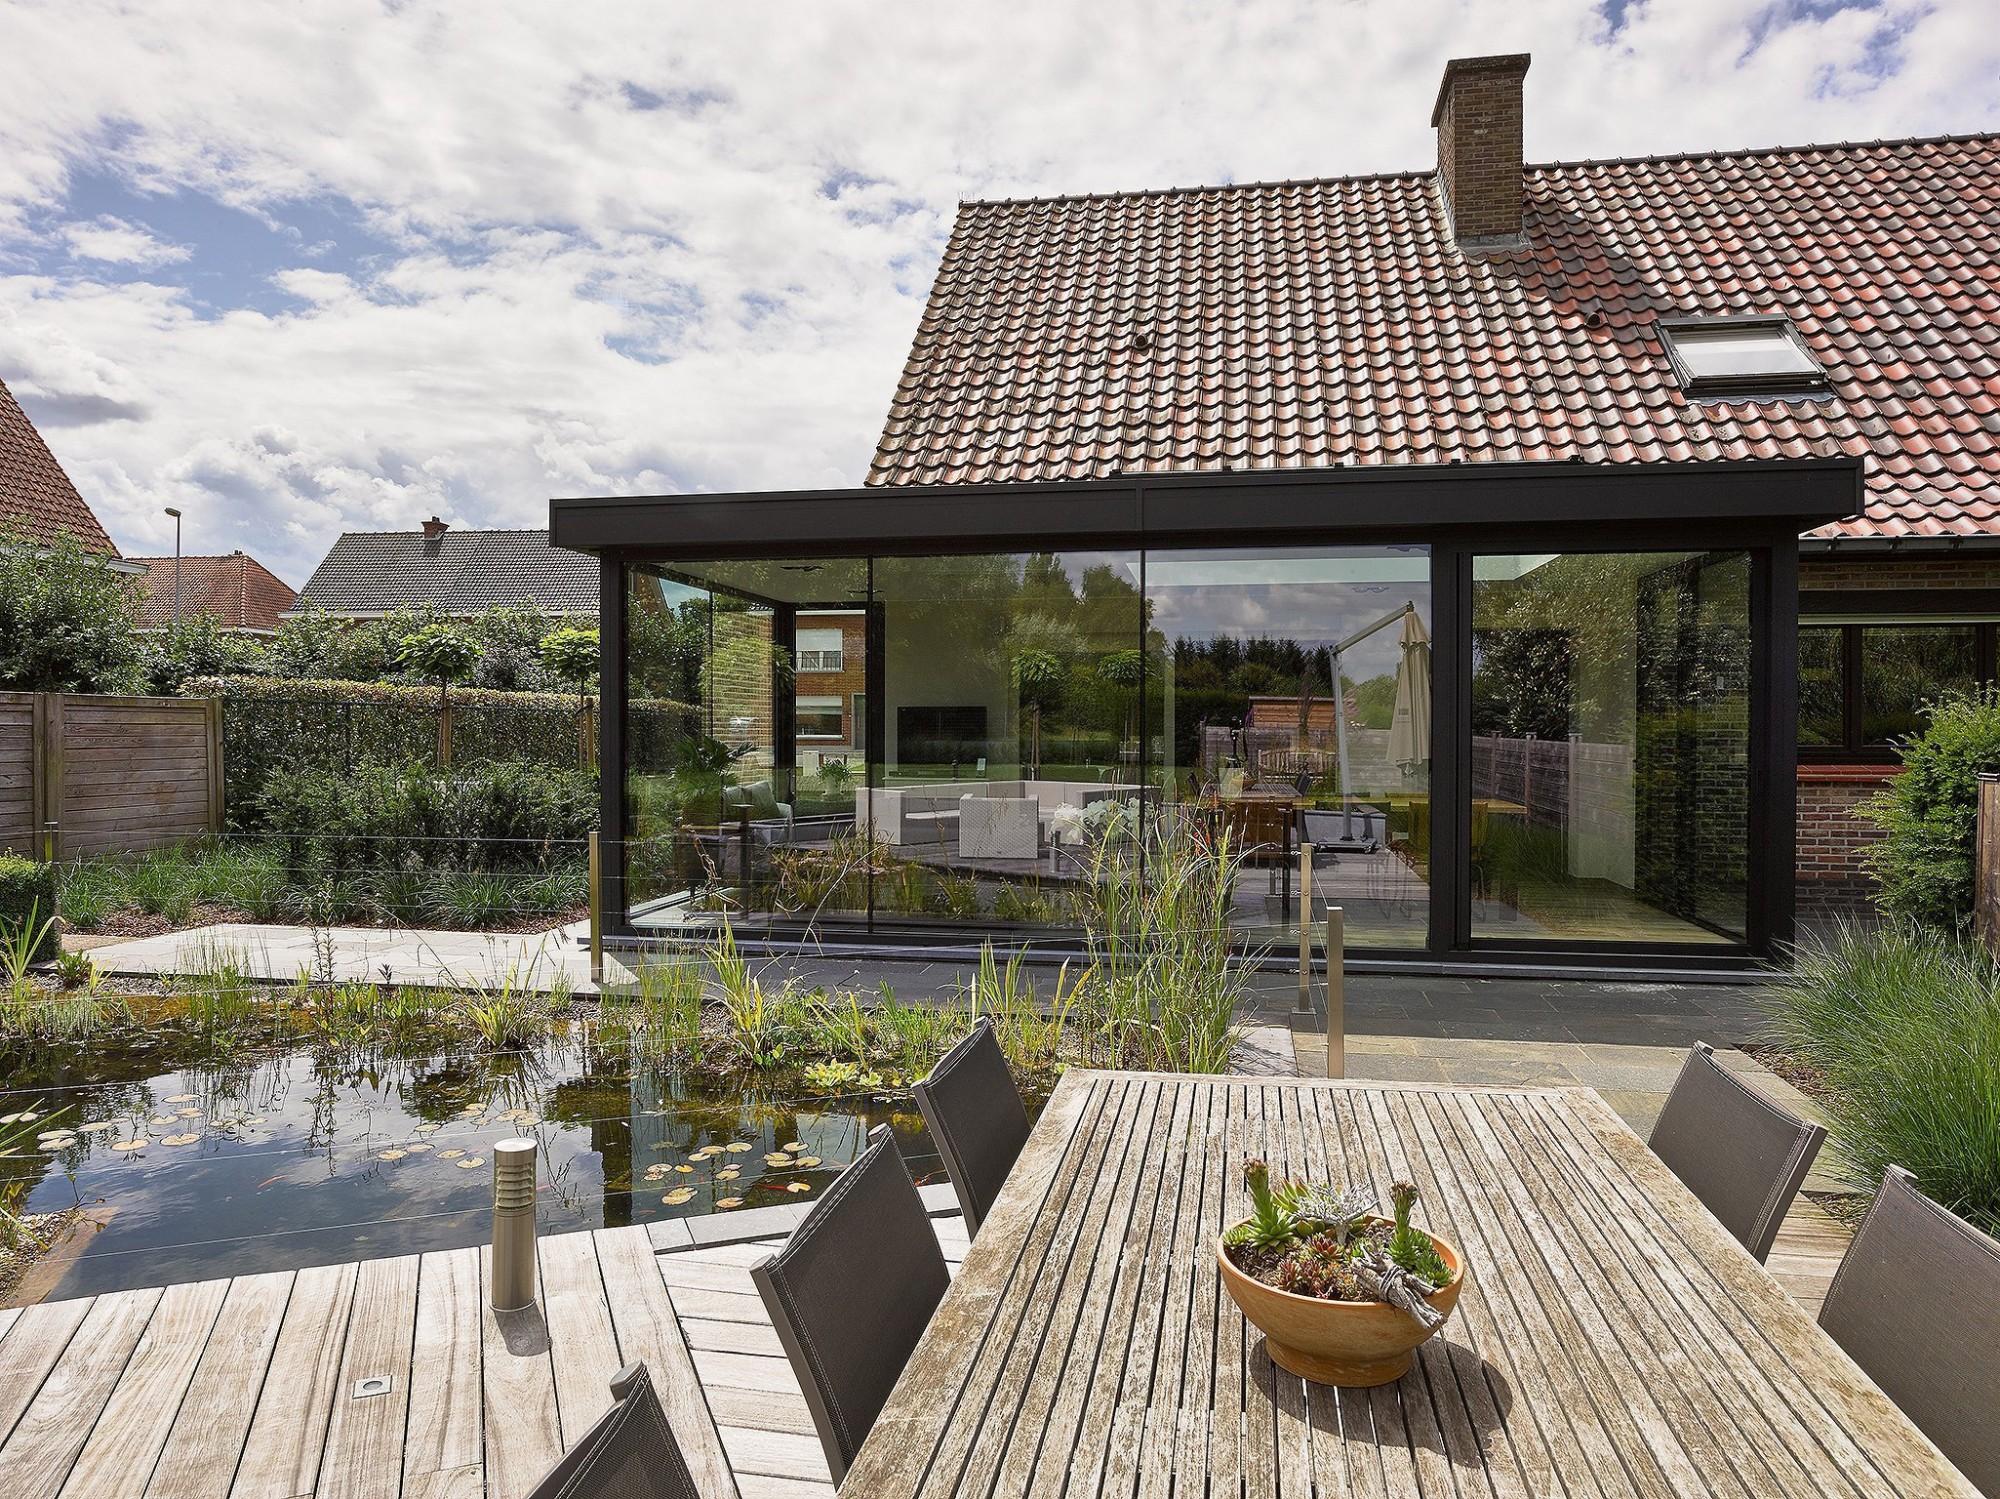 Afbeelding: Productfotografie op uw mooiste locaties over gans de Benelux. fotografie veranda voor Miniflat-Aldera, Foto Van Huffel Antwerpen.